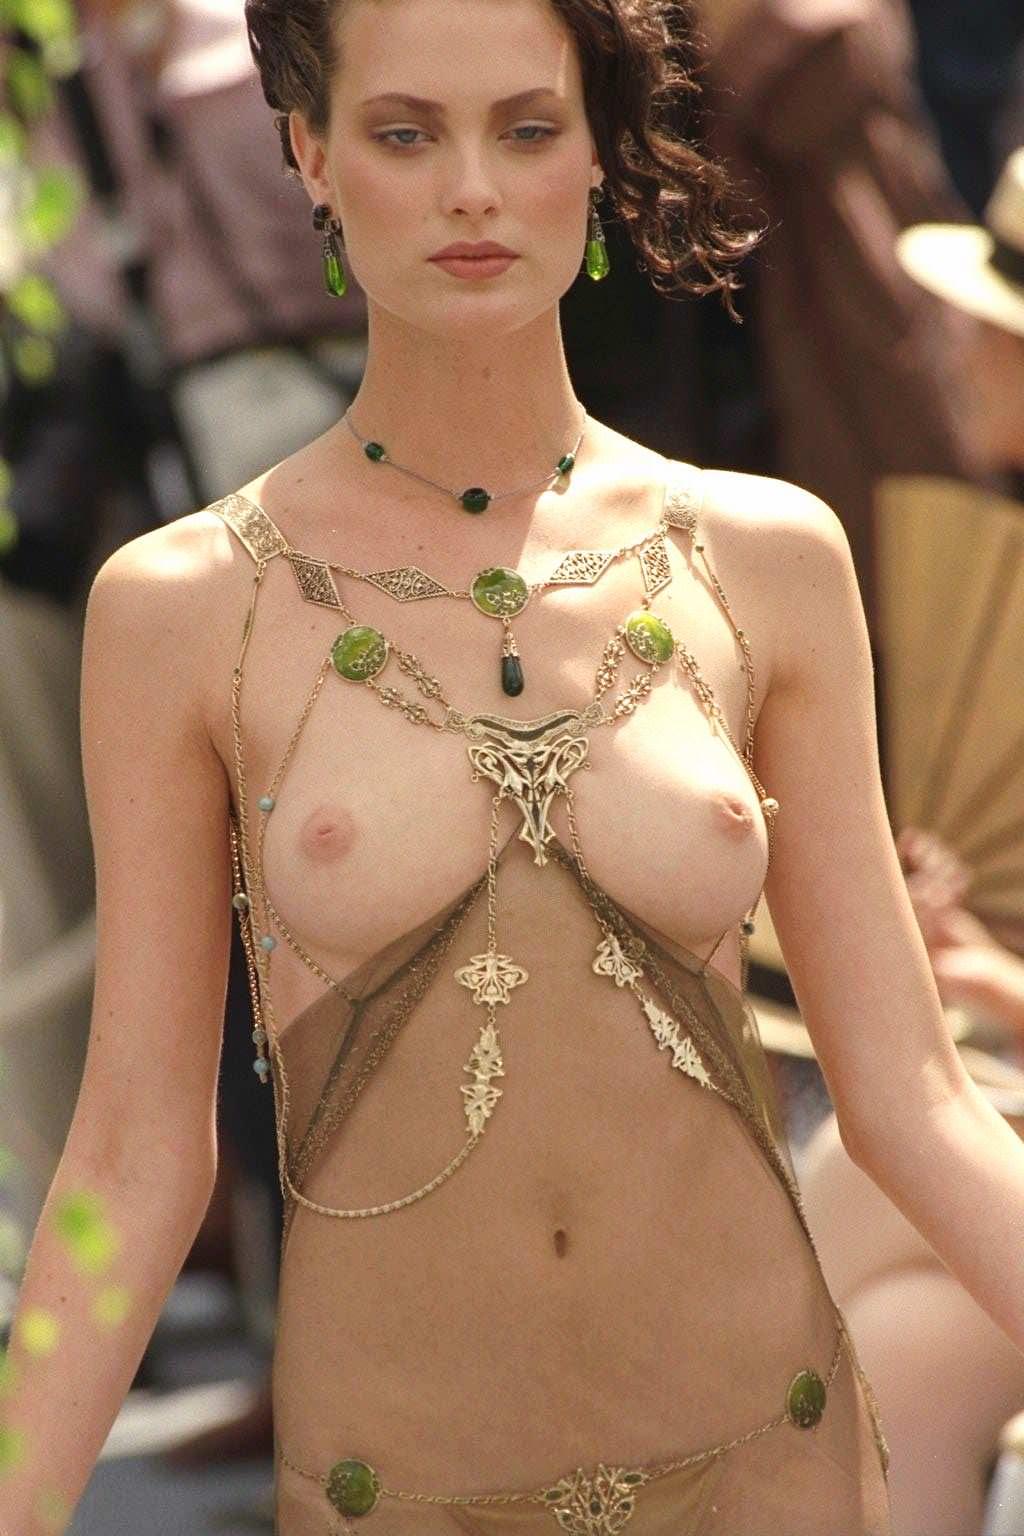 【外人】スーパーモデルがファッションショーで美乳首見せちゃってるおっぱいポルノ画像 1934